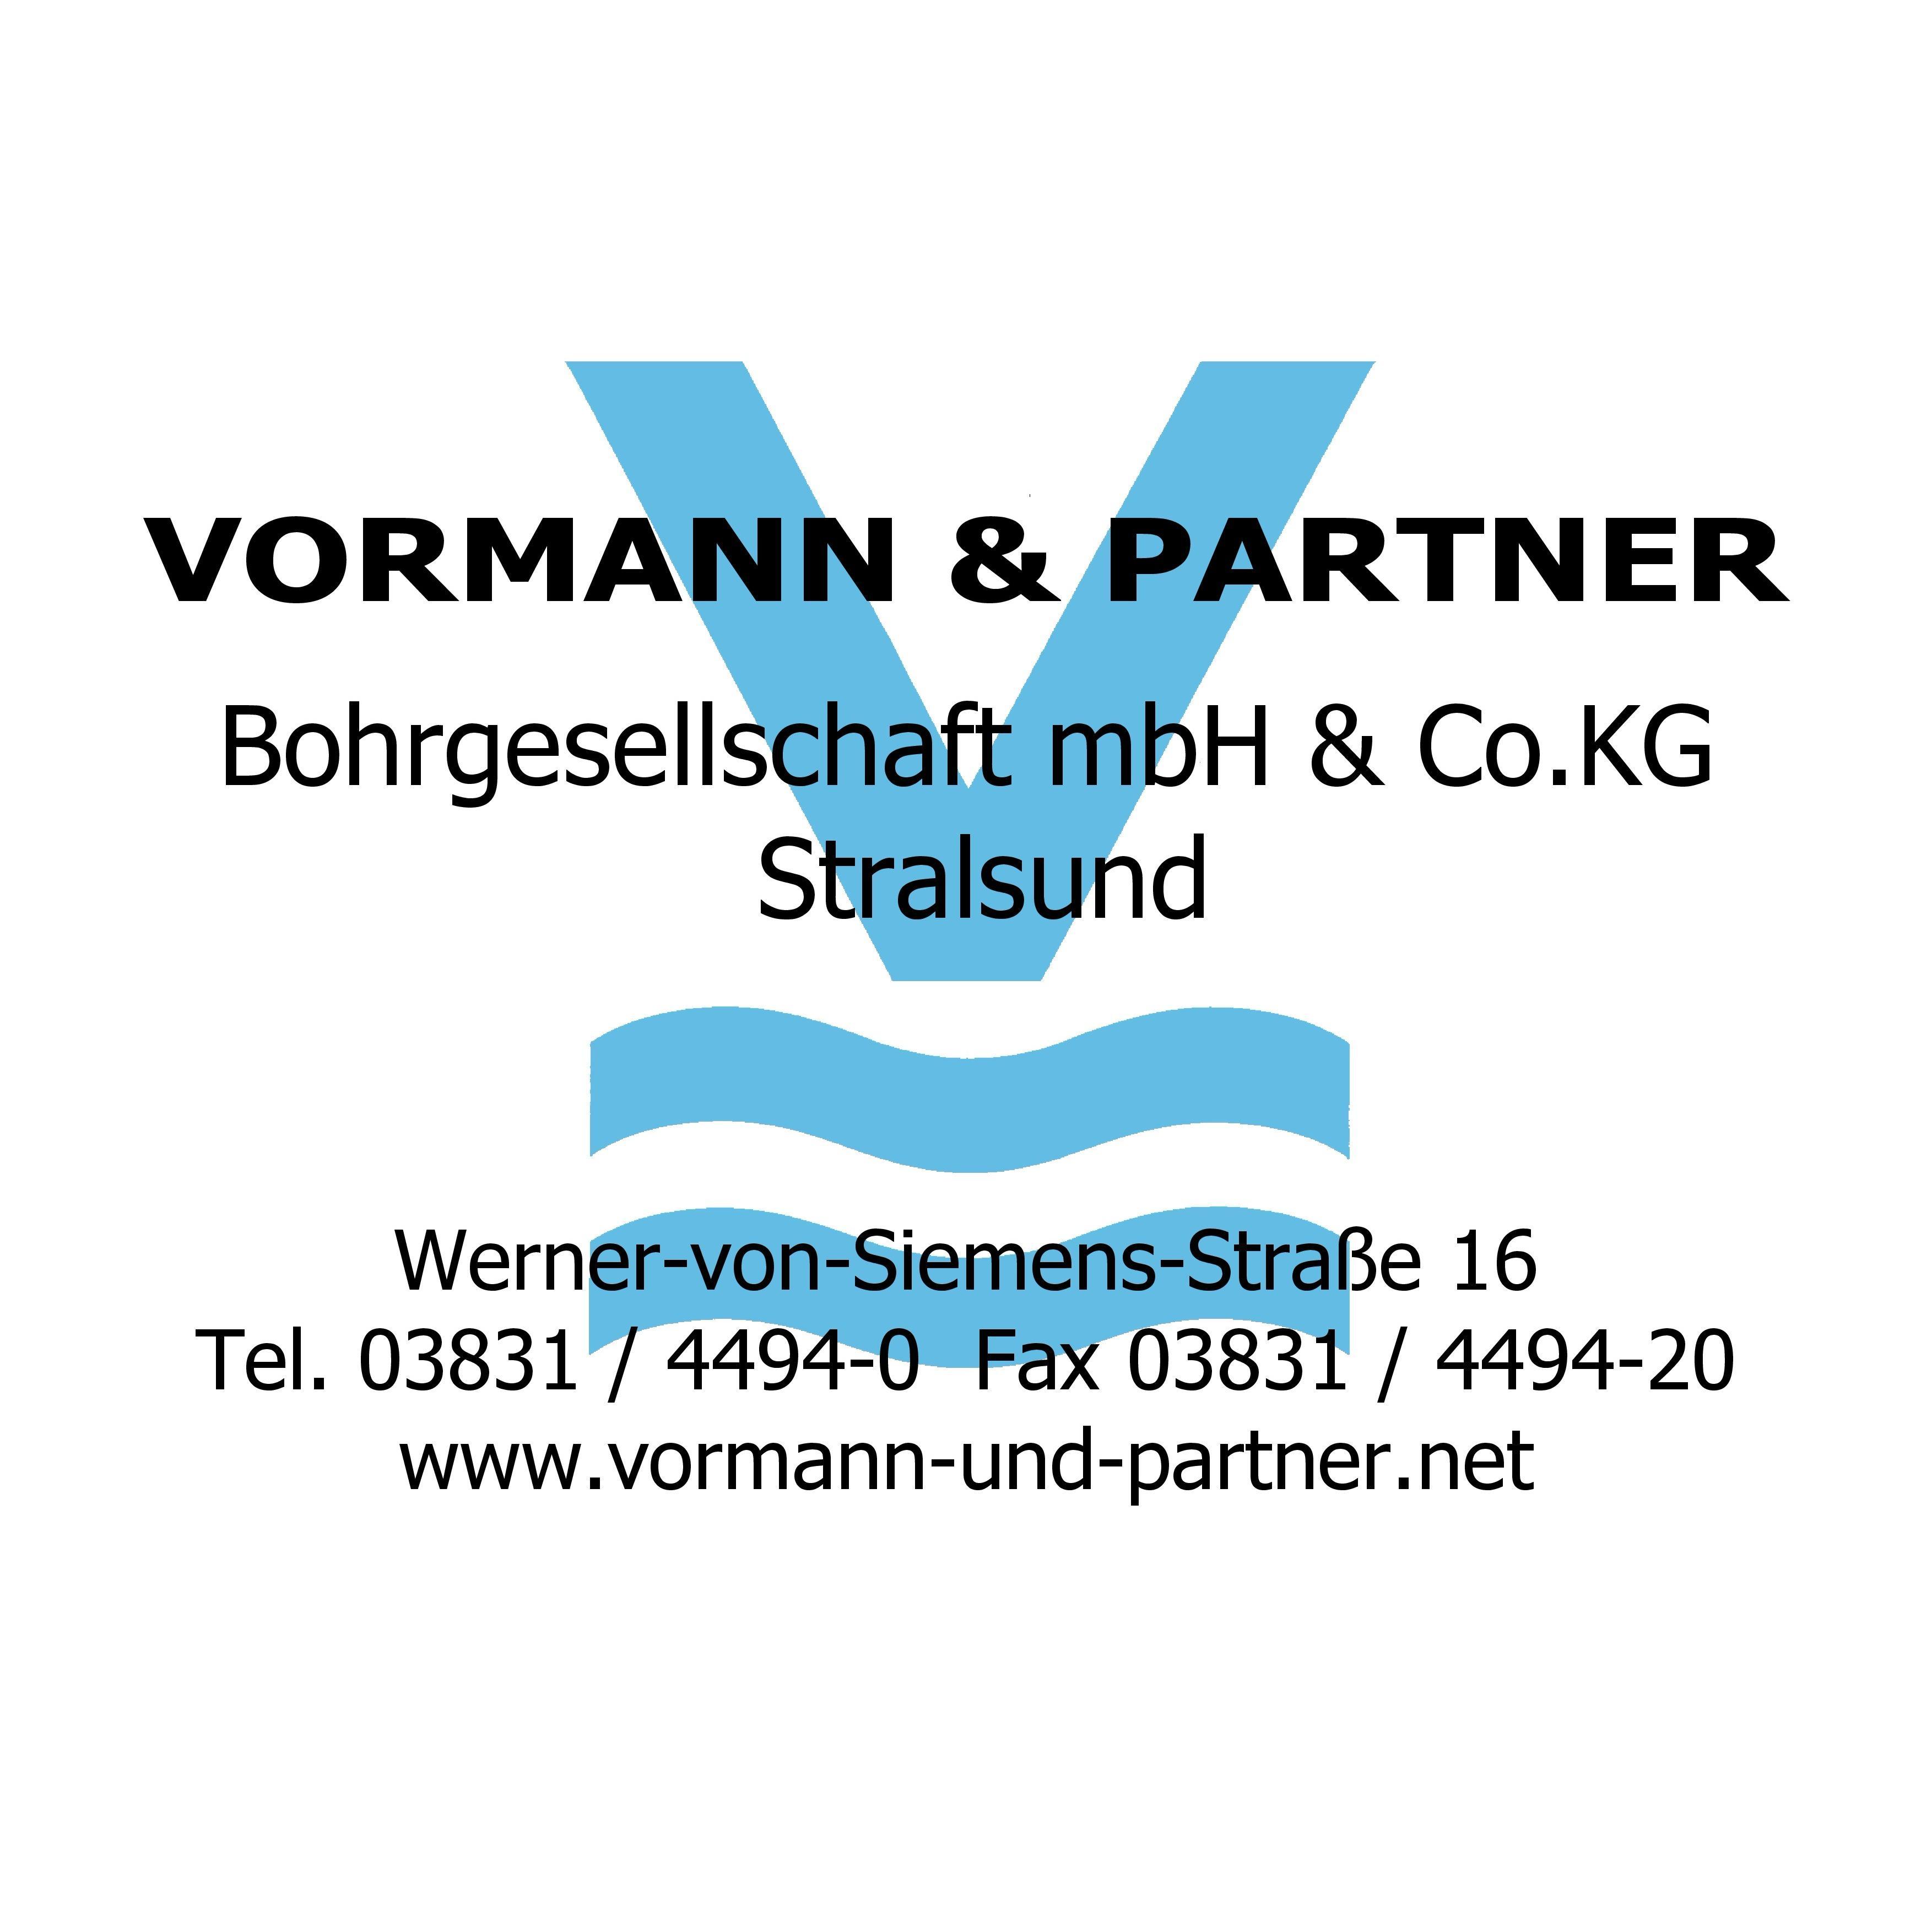 Bild zu Vormann & Partner Bohrgesellschaft mbH & Co. KG in Stralsund